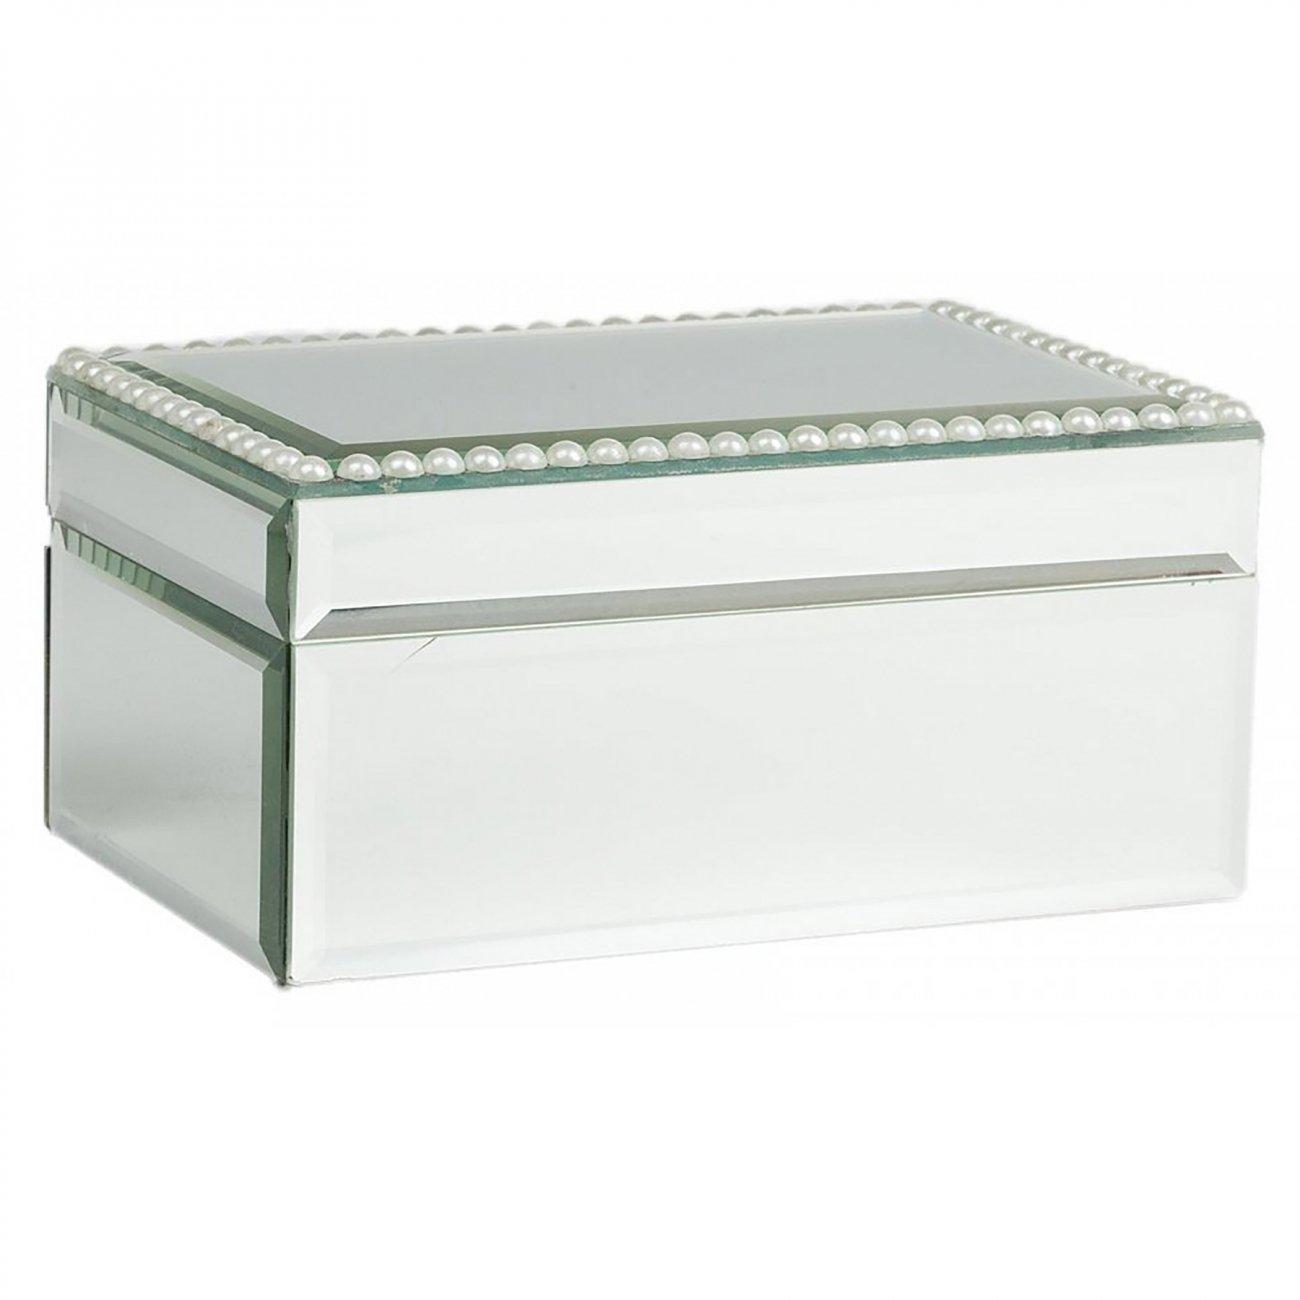 Купить Зеркальная шкатулка (коробка) Bishop прямоугольная в интернет магазине дизайнерской мебели и аксессуаров для дома и дачи